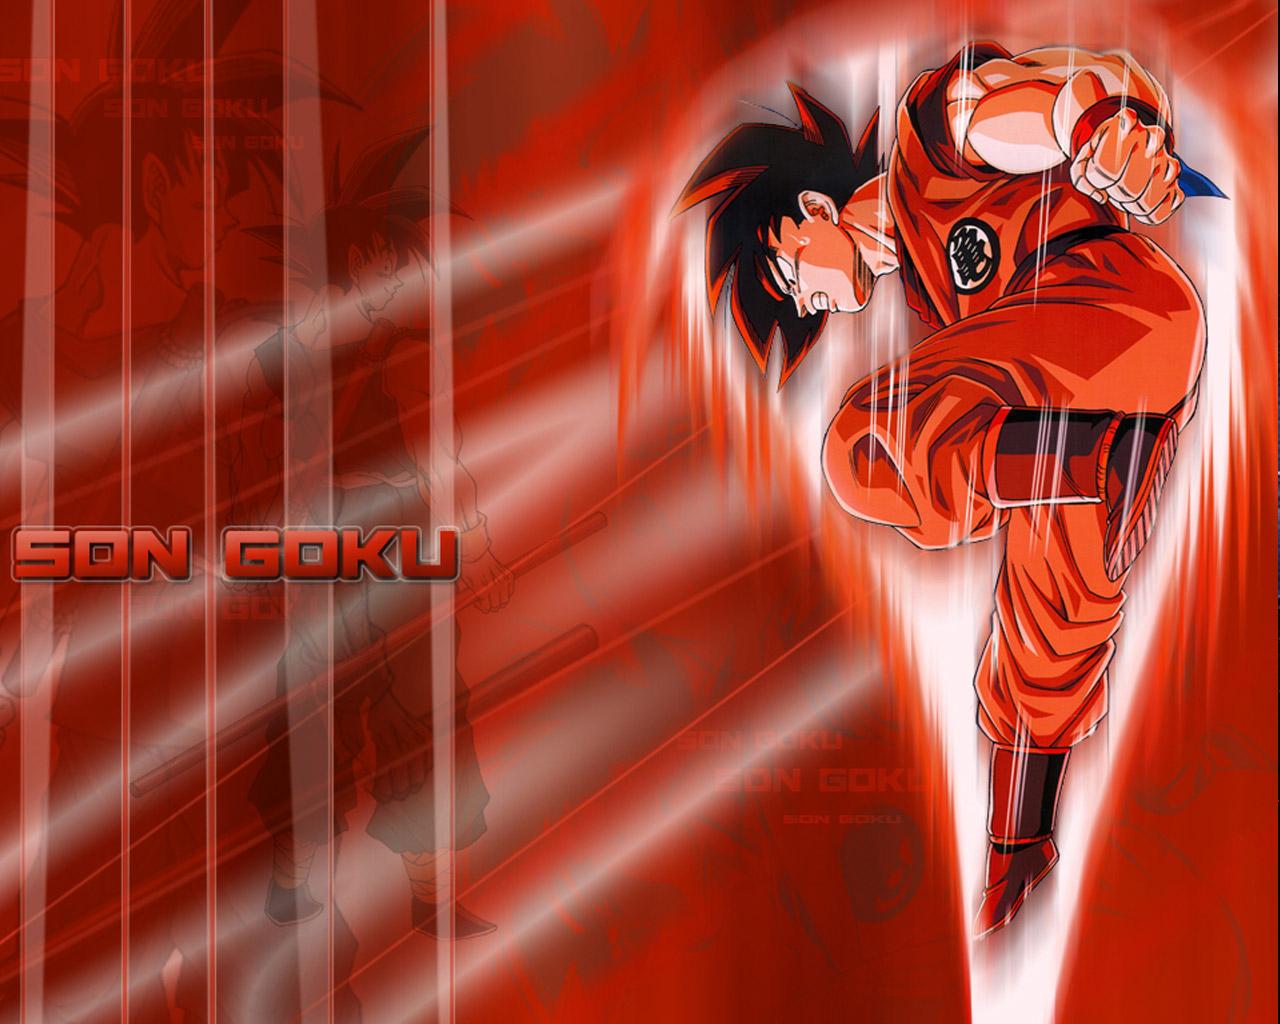 Goku Hd Wallpaper Wallpapersafari